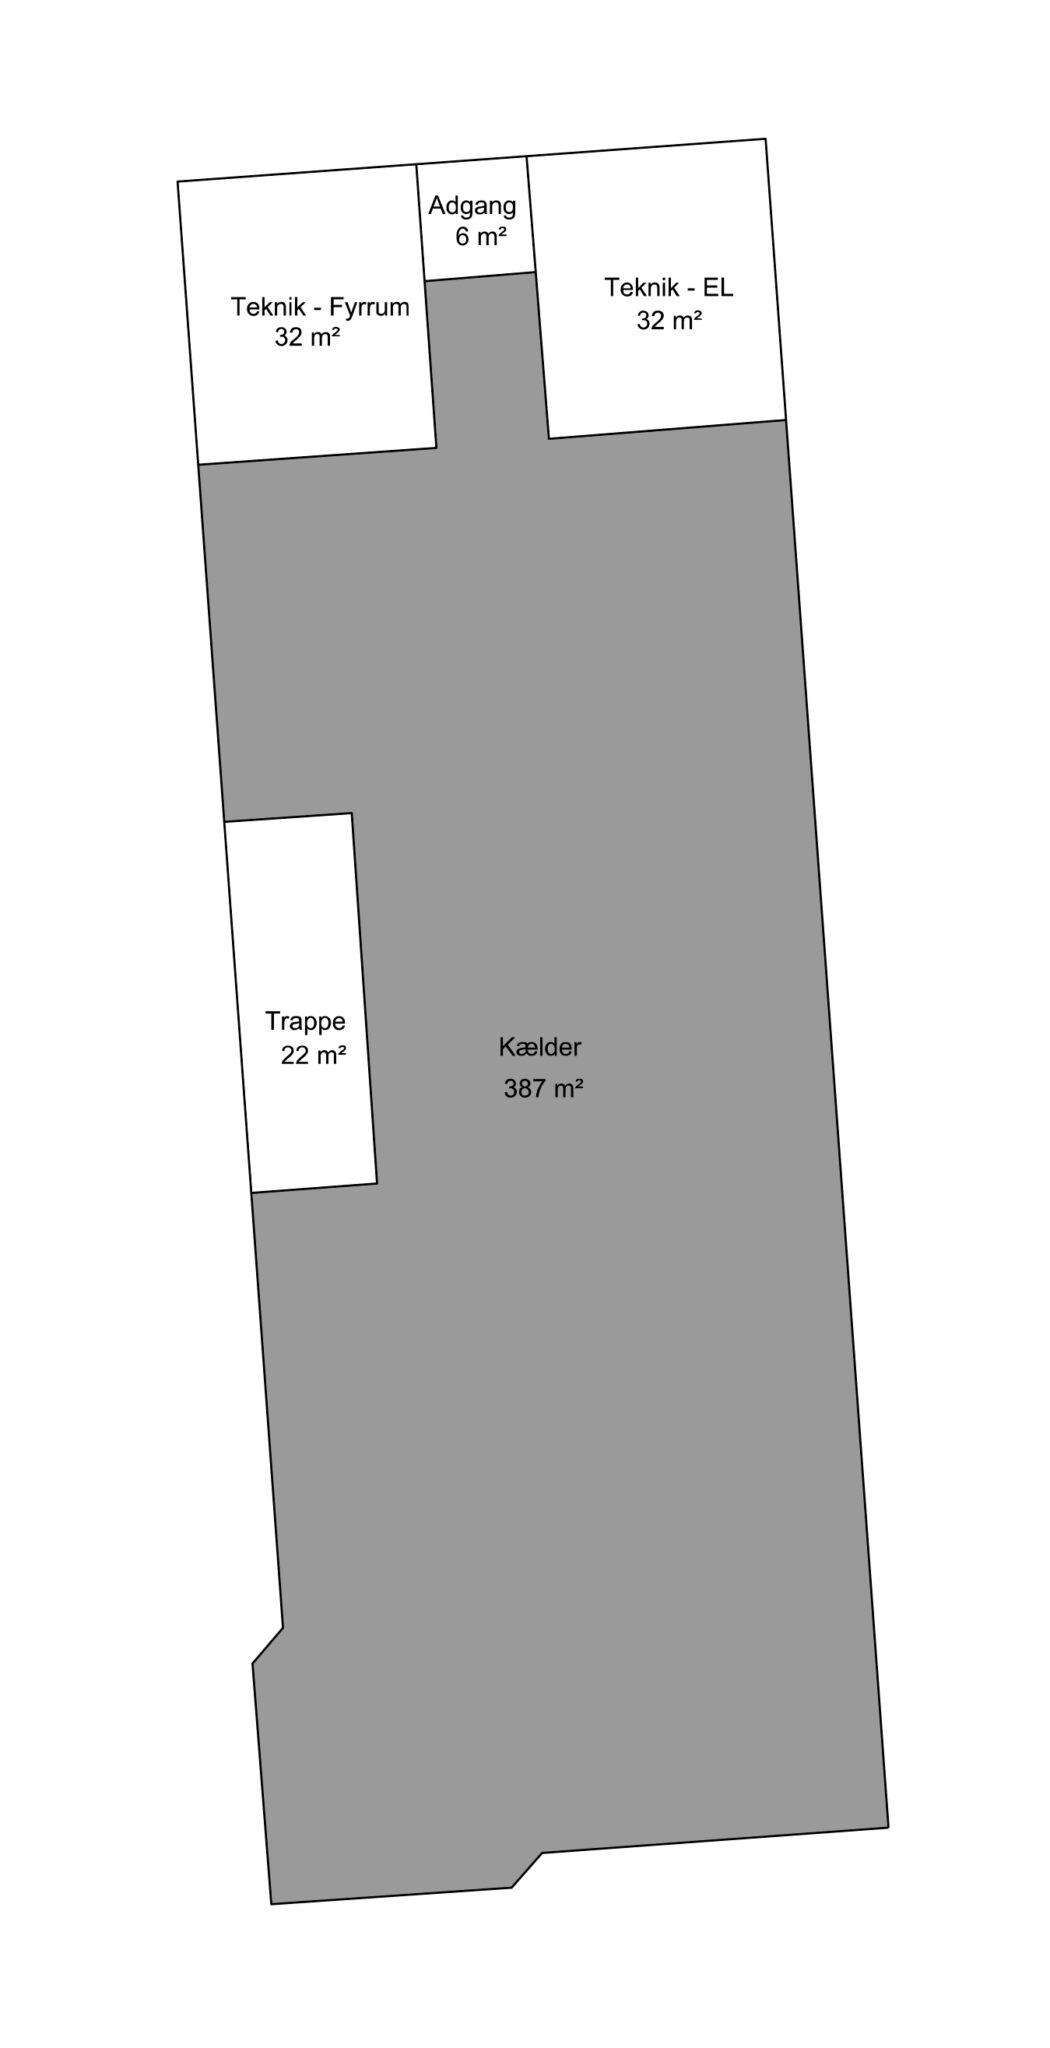 Plantegning - Kælder - Bygning 2 - Brandstrupvej 4